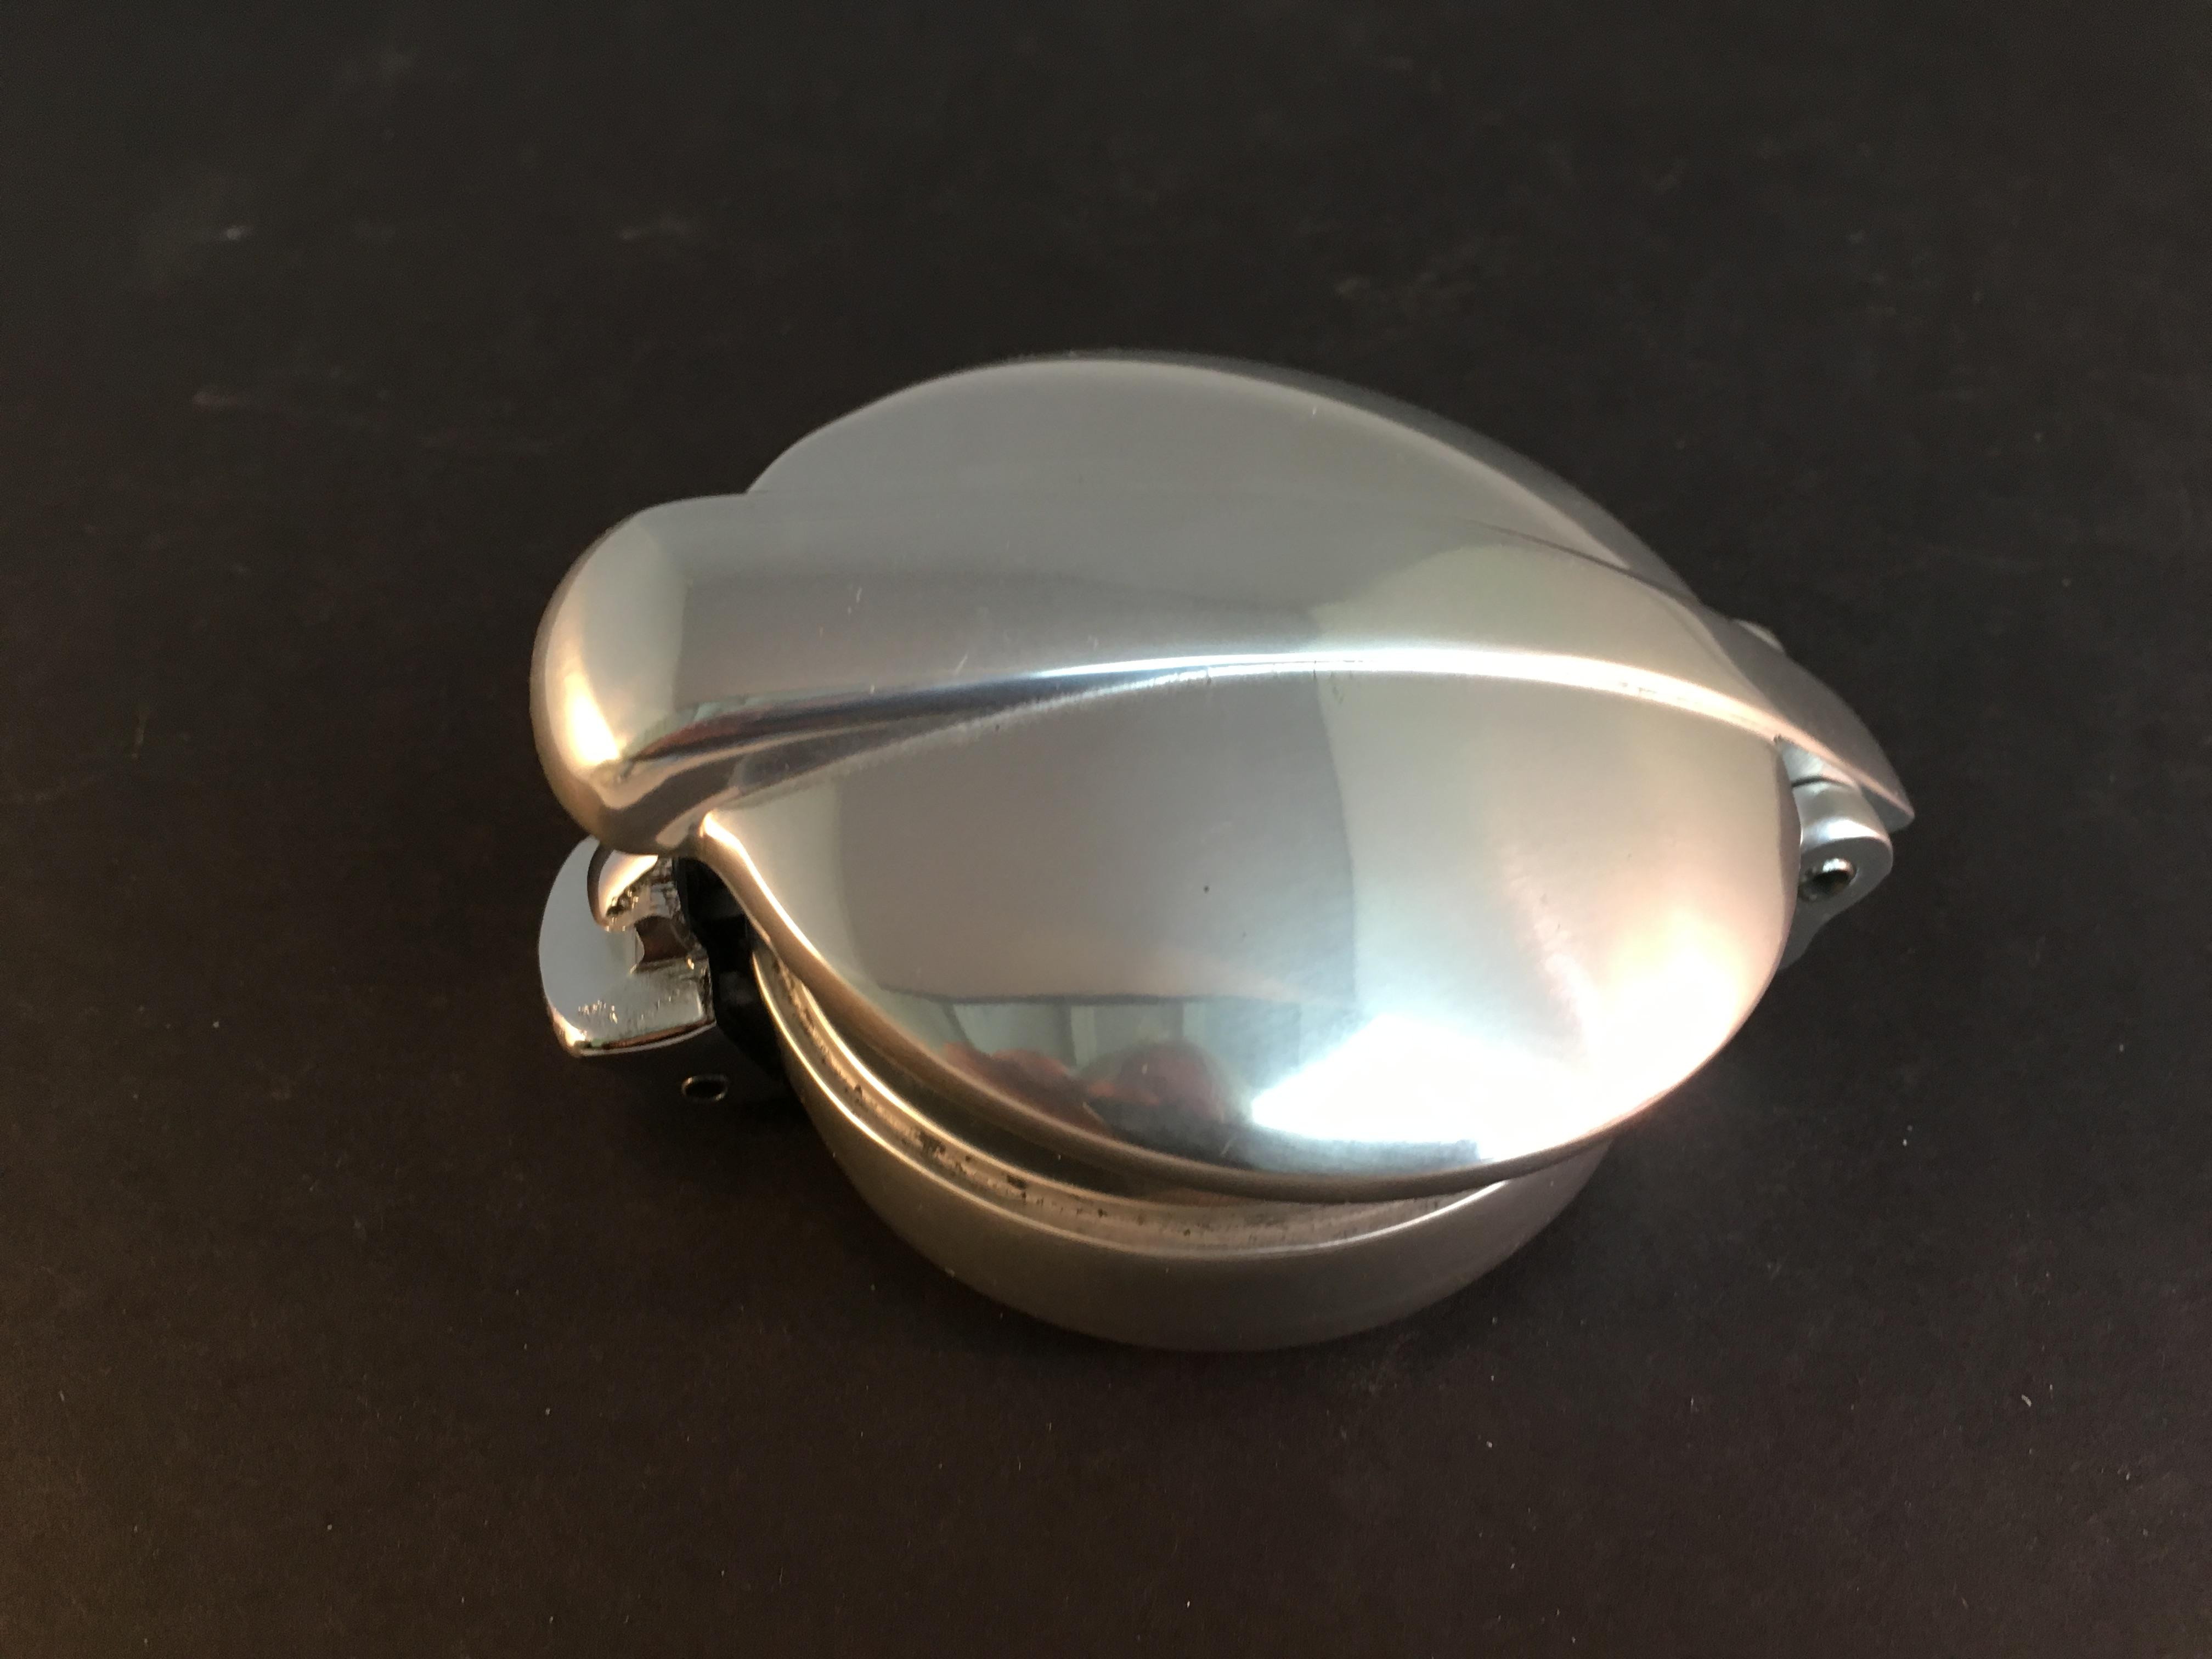 Mini Cooper Convertible For Sale >> Monza Alloy Gas Cap Austin Healey MGB MGC Midget - Sports & Classics